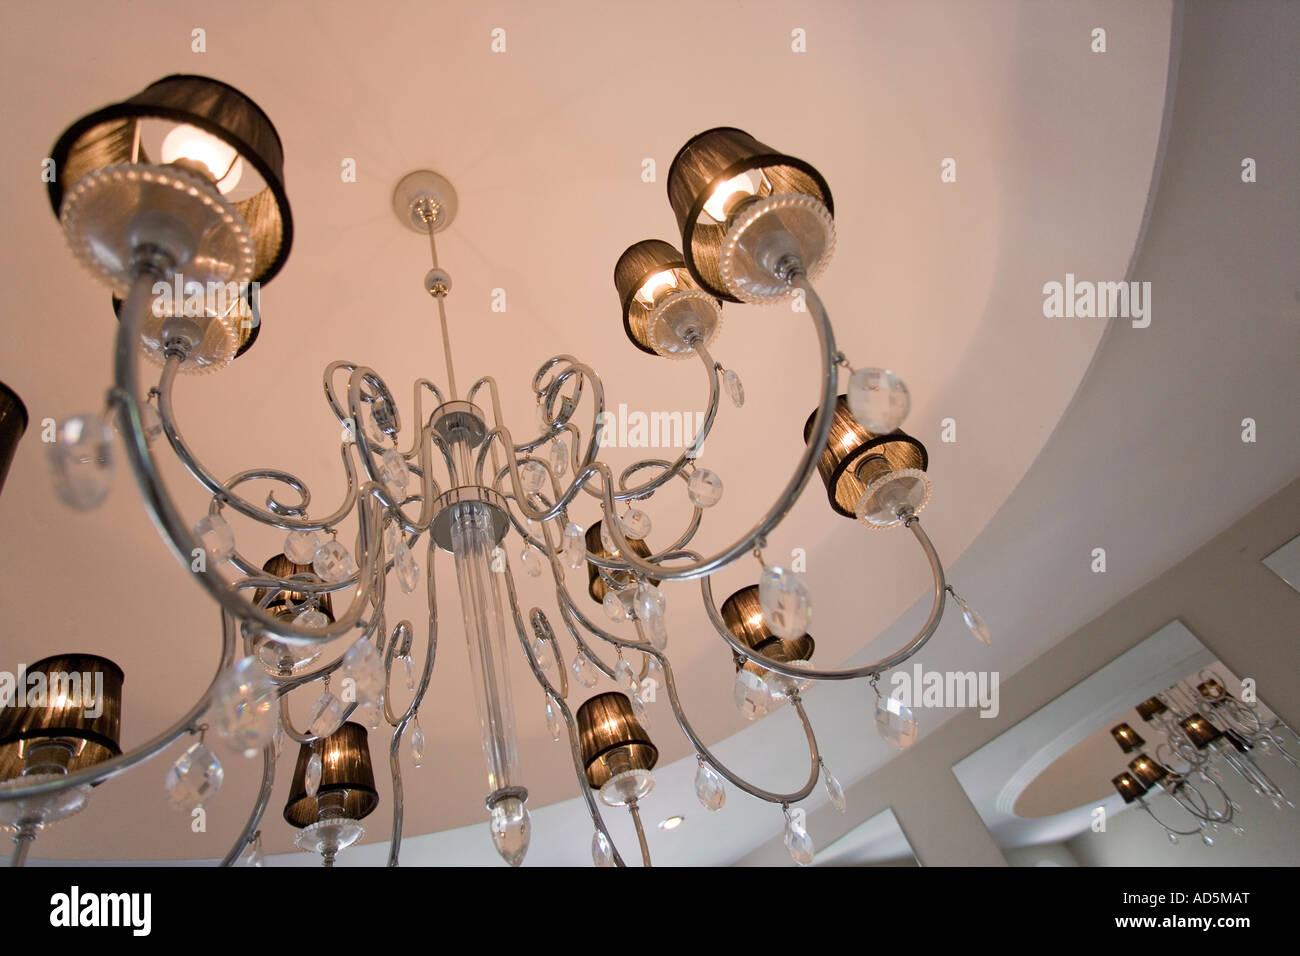 Lampenschirme Klein Kronleuchter ~ Nahaufnahme des modernen edelstahl kronleuchter mit lampenschirmen